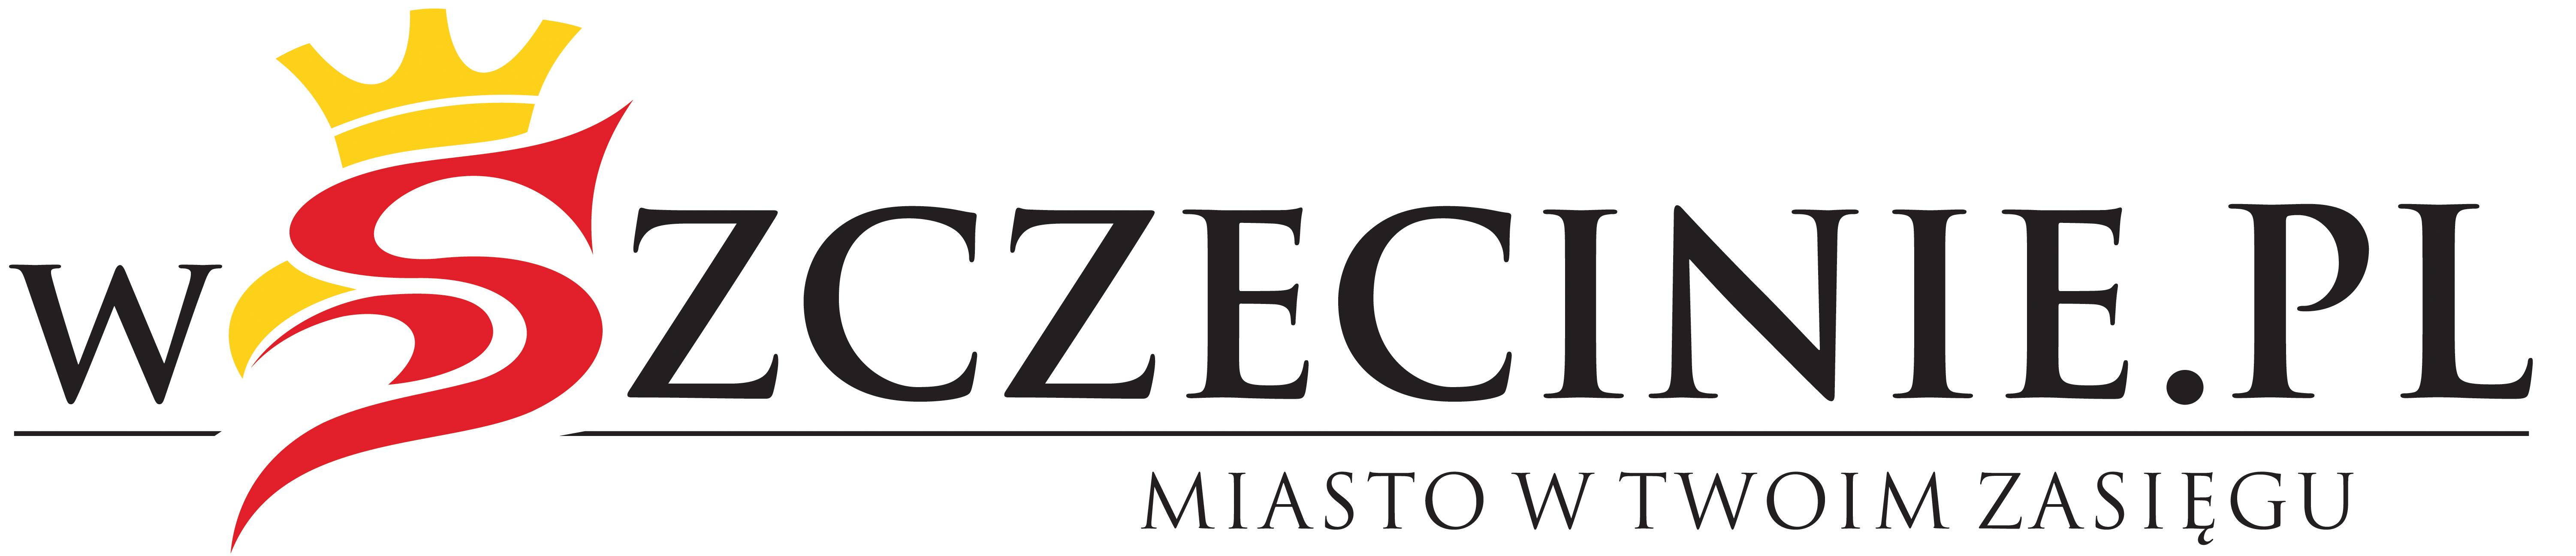 Logo: wszczecinie